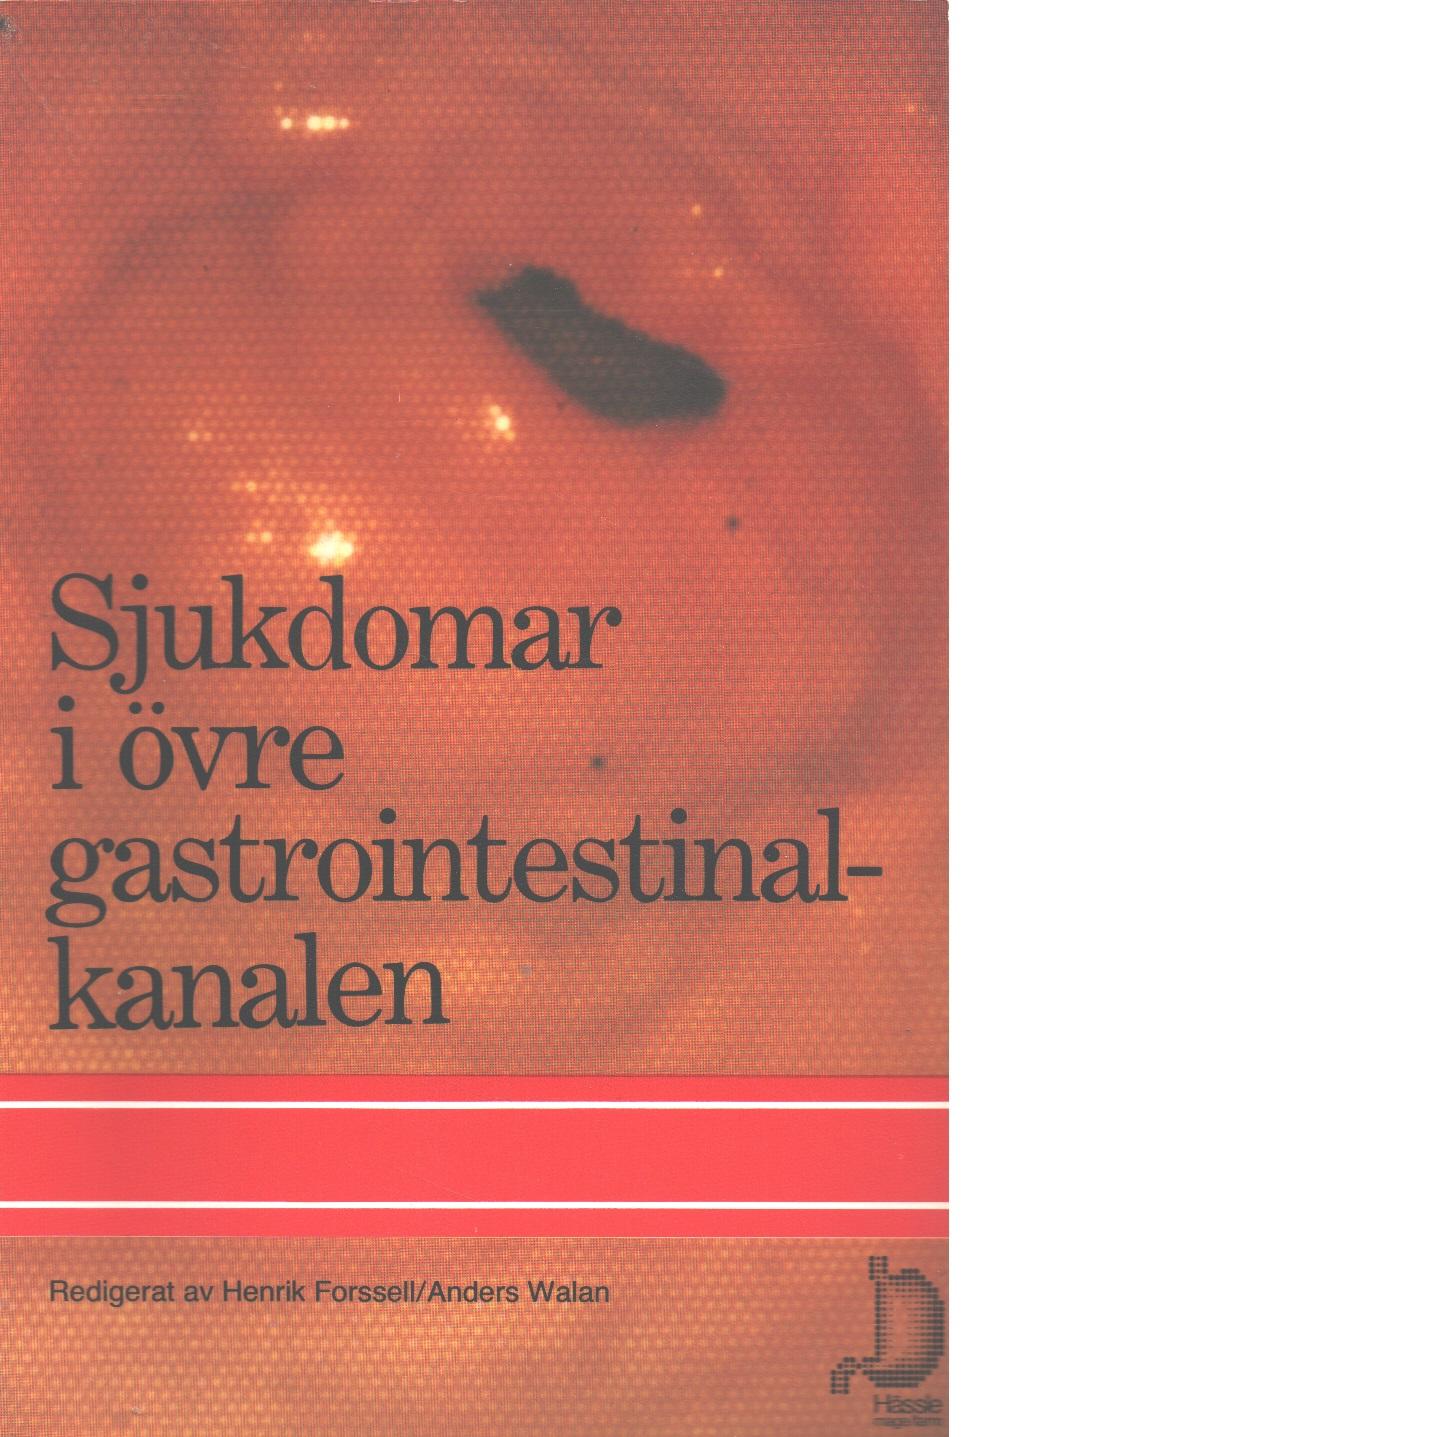 Sjukdomar i övre gastrointestinalkanalen - Red.